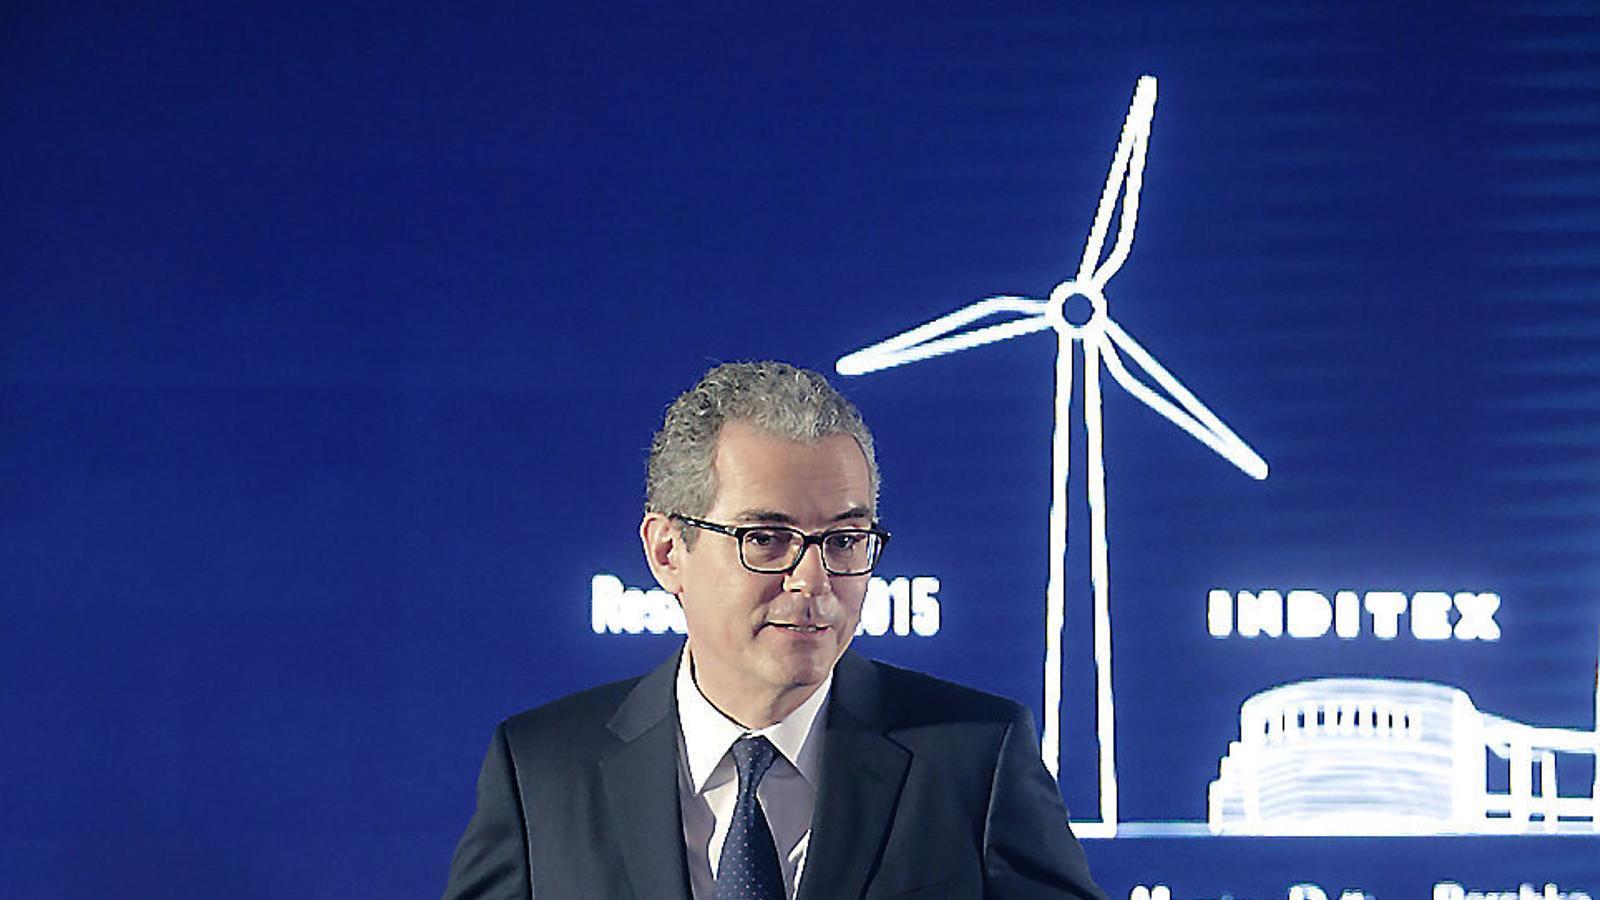 Inditex és l'empresa amb més desigualtats de l'Íbex